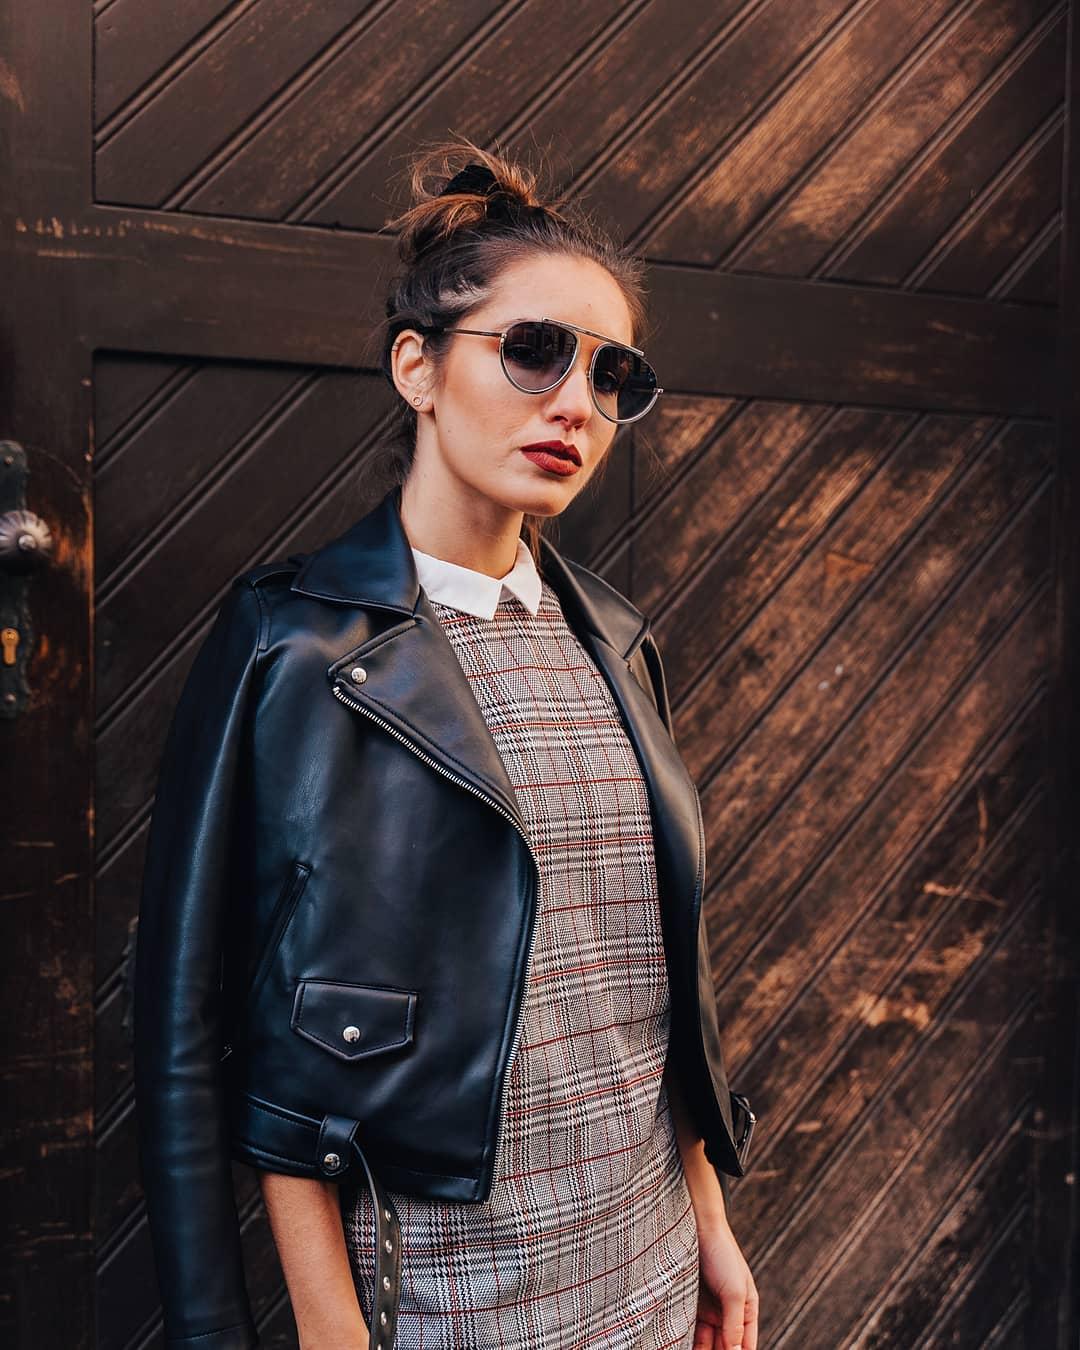 Šaty a sluneční brýle z kolekce #Givenchy, která v sobě nese prvky šlechtické elegance, ale zároveň drží krok s dobou, je kombinace, která nikdy nezklame  . . . .  #vasecocky #slunecnibryle #sunglasses #sunglassesfashion #sunglasseslover #sunglassestrends #sunnies #instaglasses #eyewearfashion #eyeweartrends #fashioneyewear #fashioninspiration #pragueworld #optika #opticstore